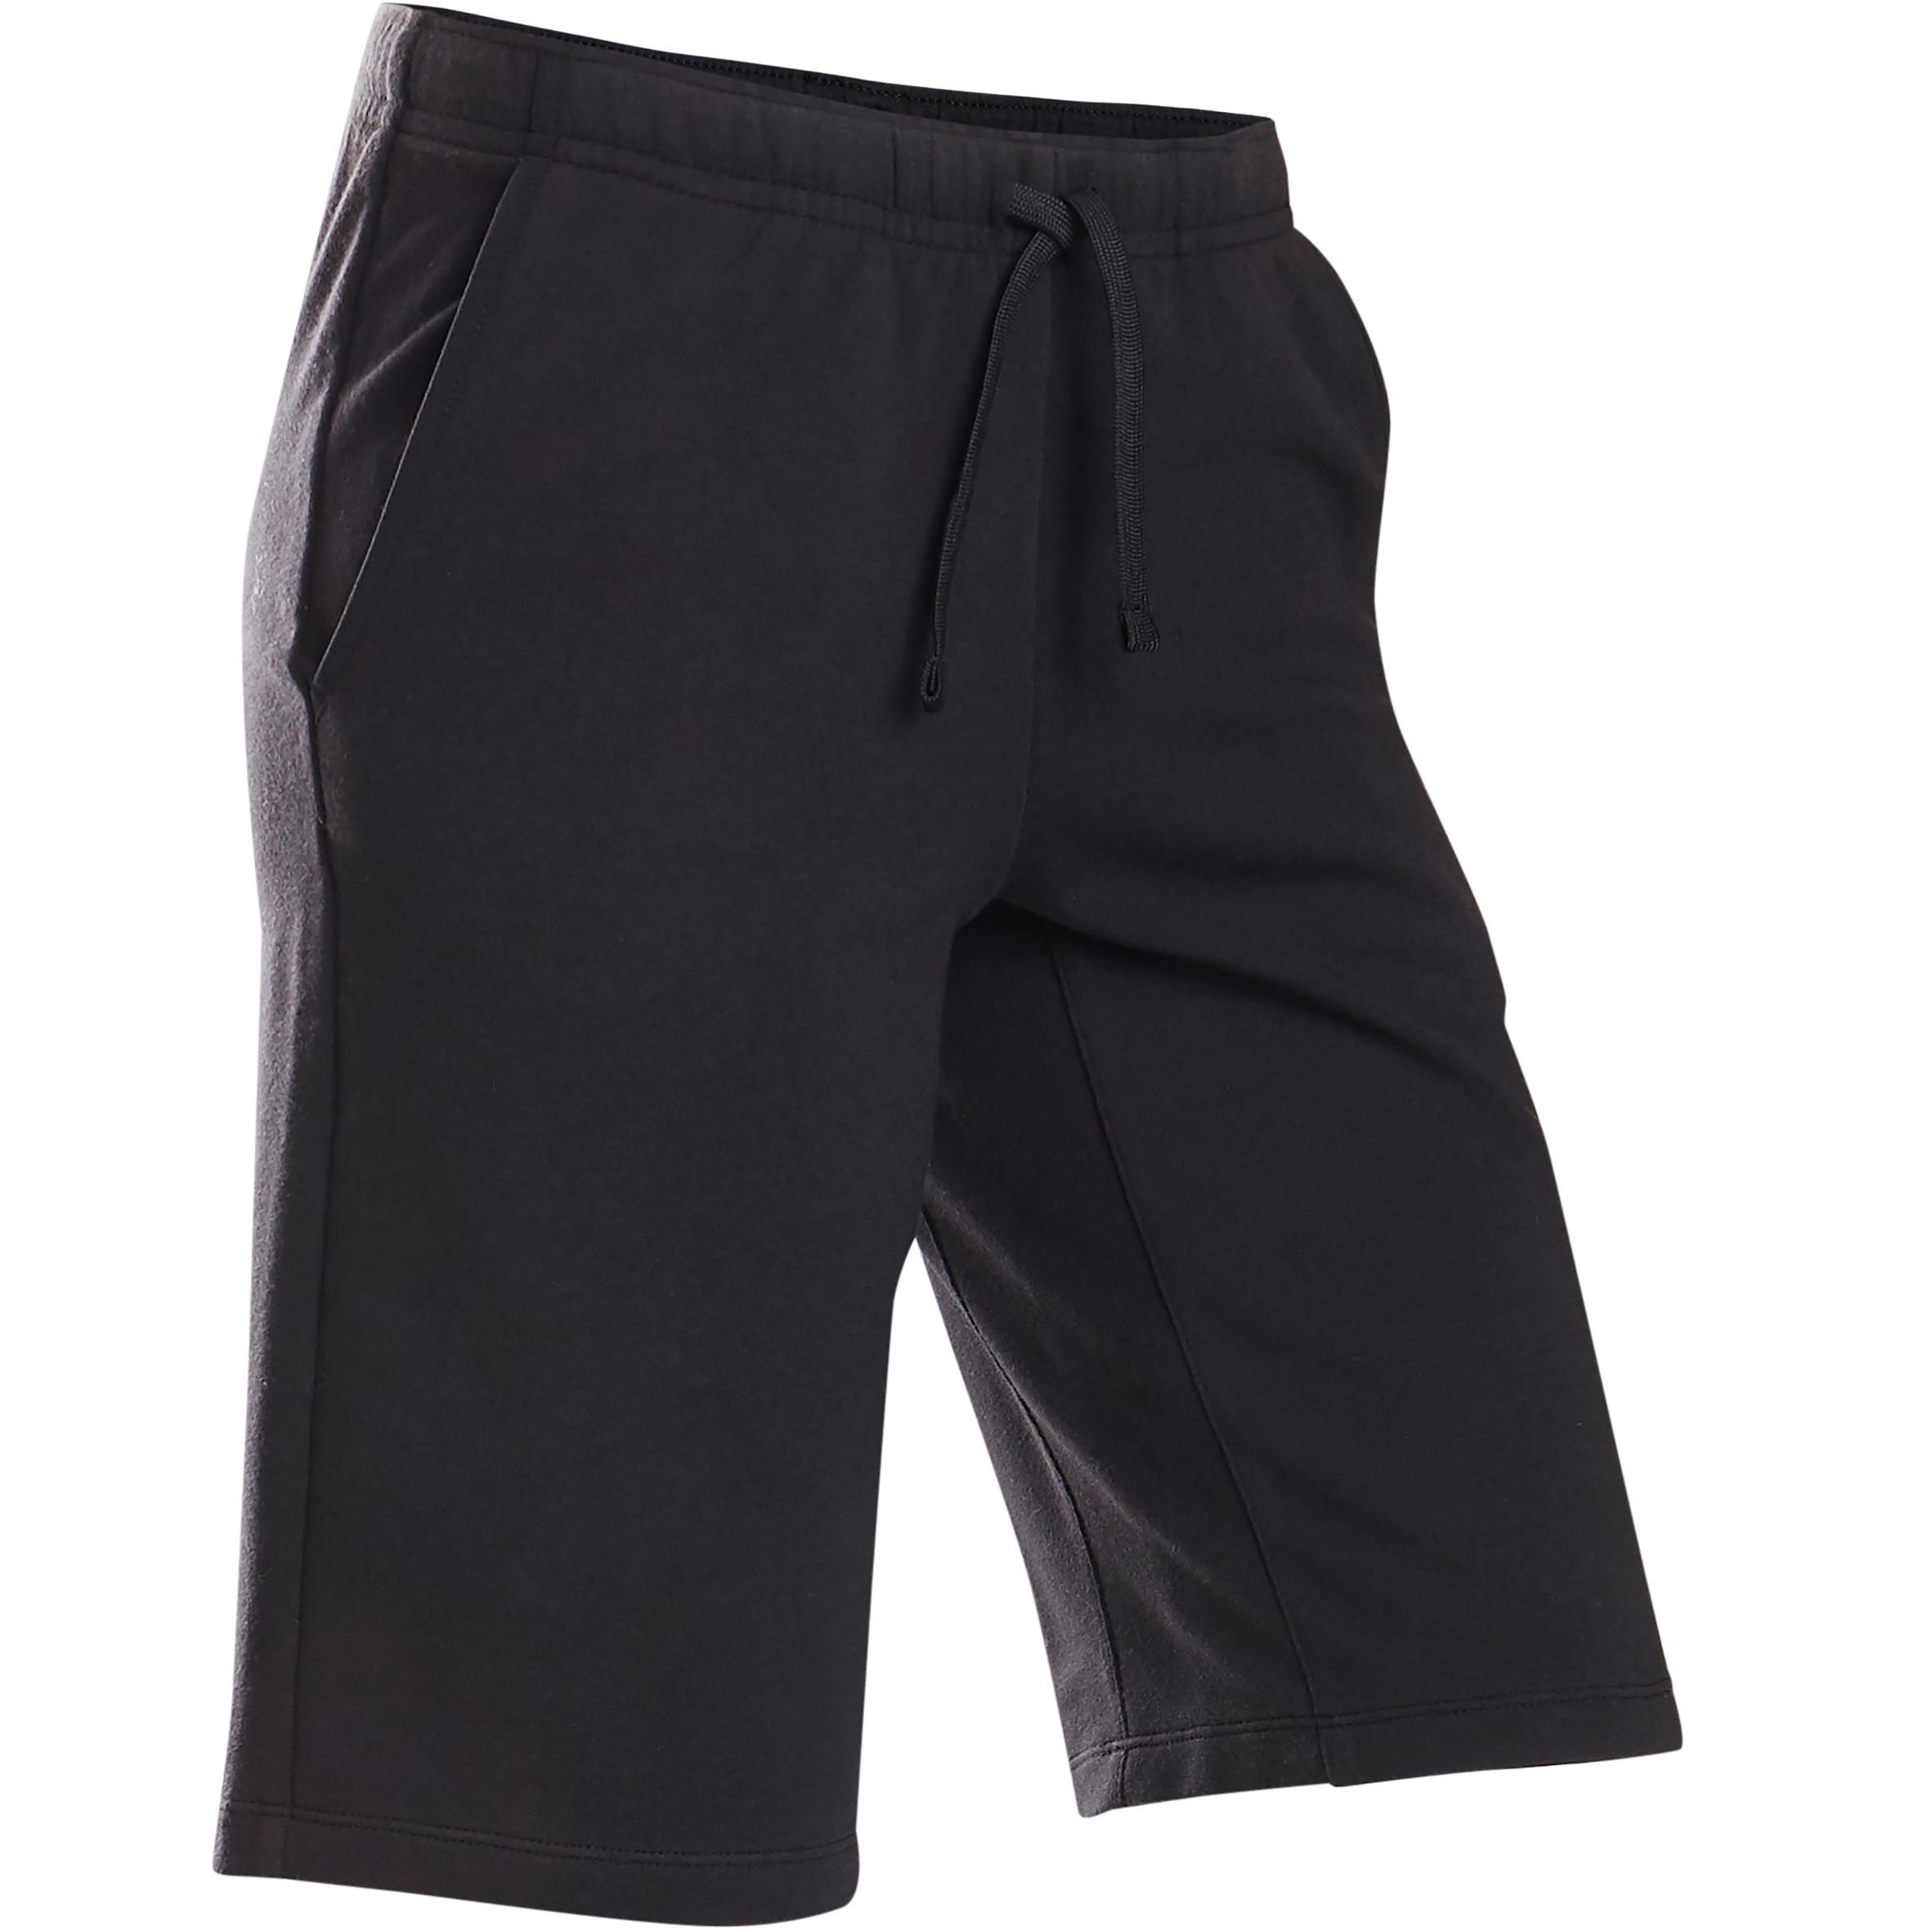 Short coton respirant 500 garçon gym enfant noir domyos